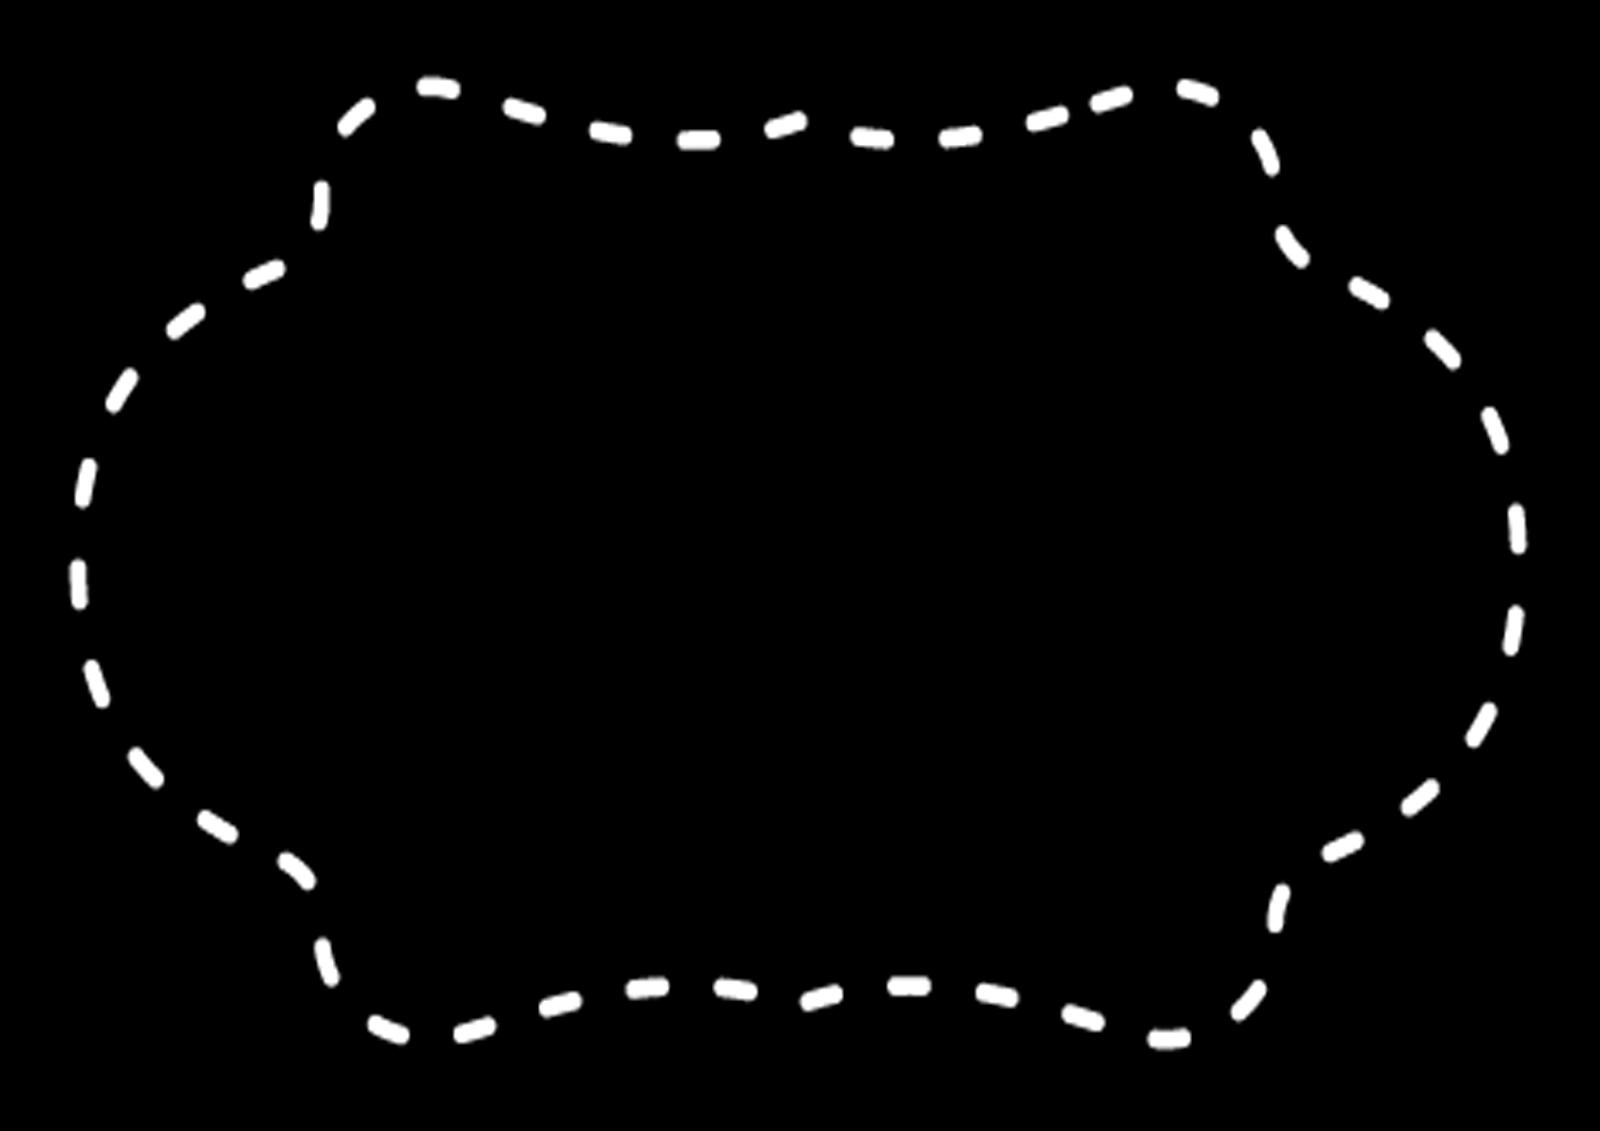 Moldes Para Plaquinhas Divertidas Preto E Branco